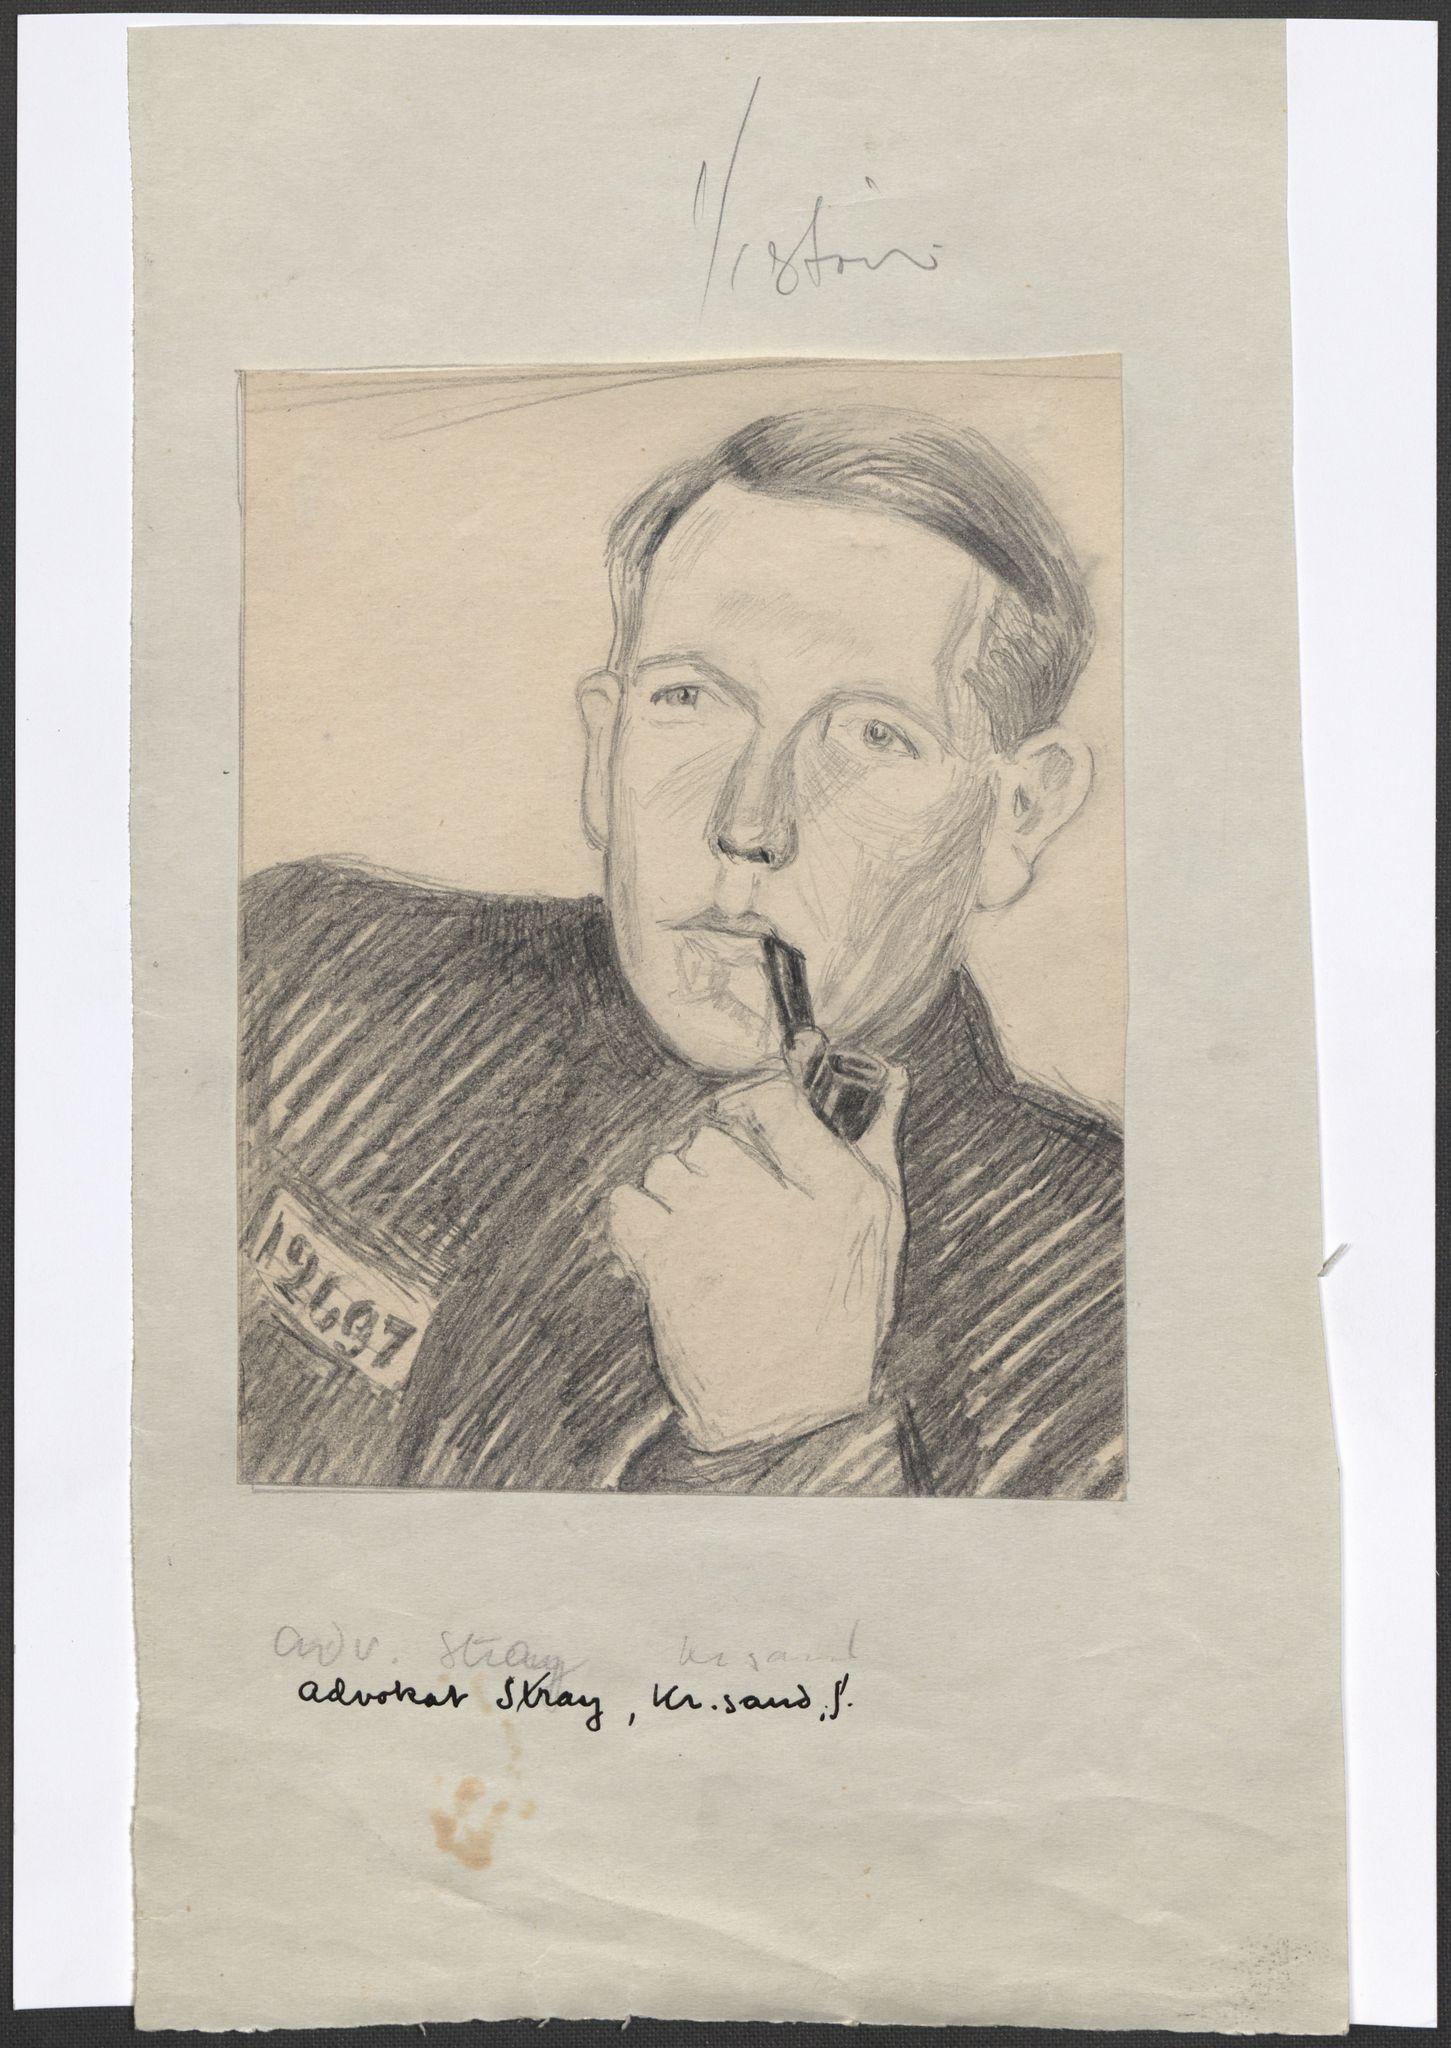 RA, Grøgaard, Joachim, F/L0002: Tegninger og tekster, 1942-1945, p. 99